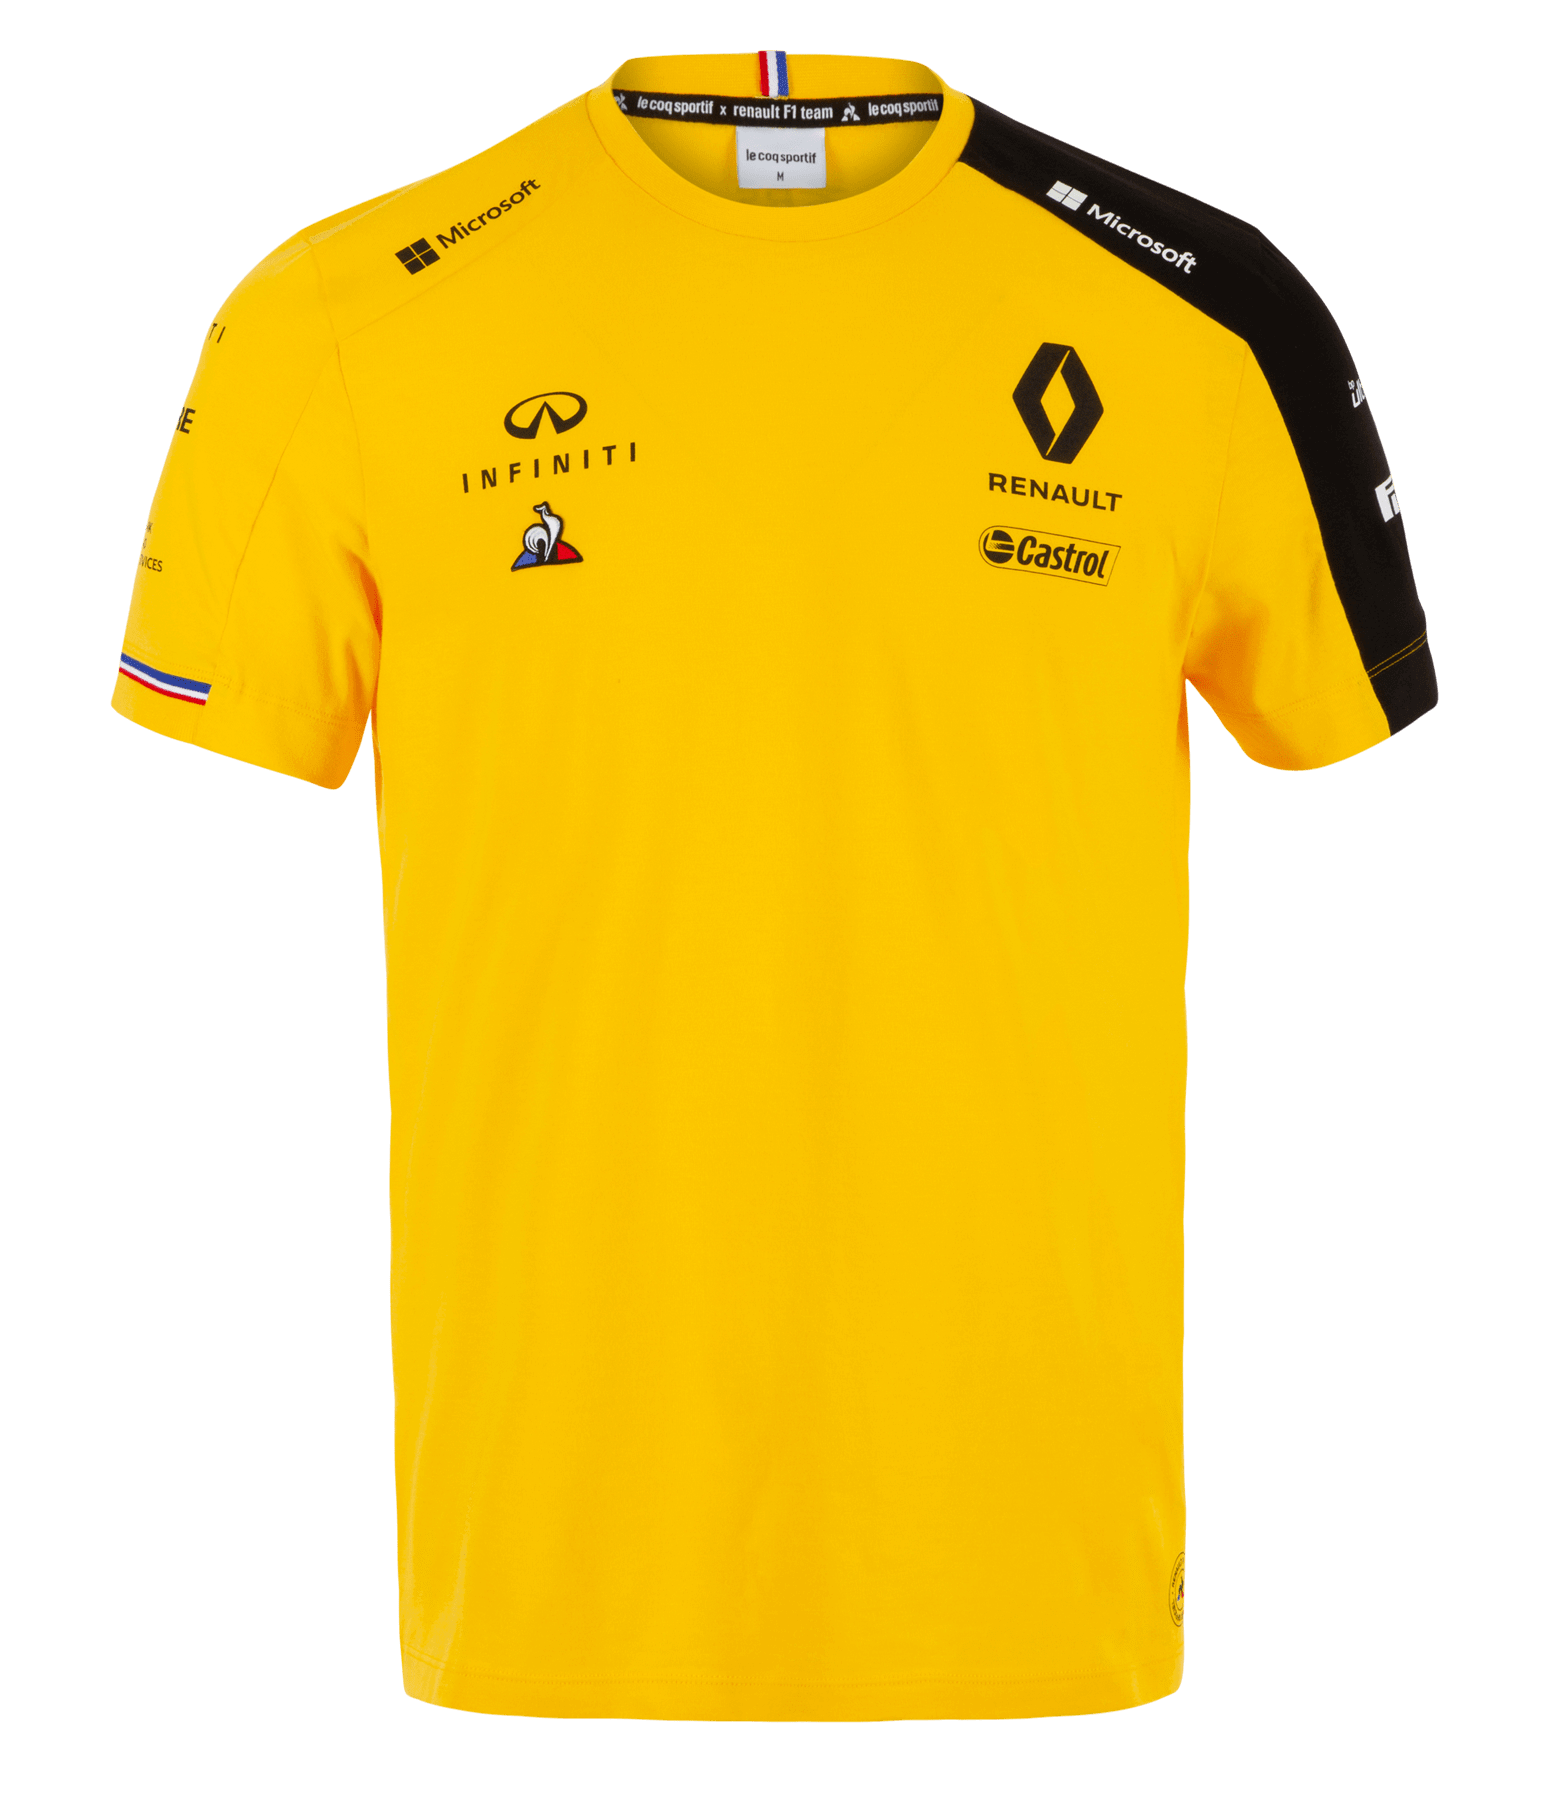 RENAULT F1® TEAM 2019 men's t-shirt - Hülkenberg size S